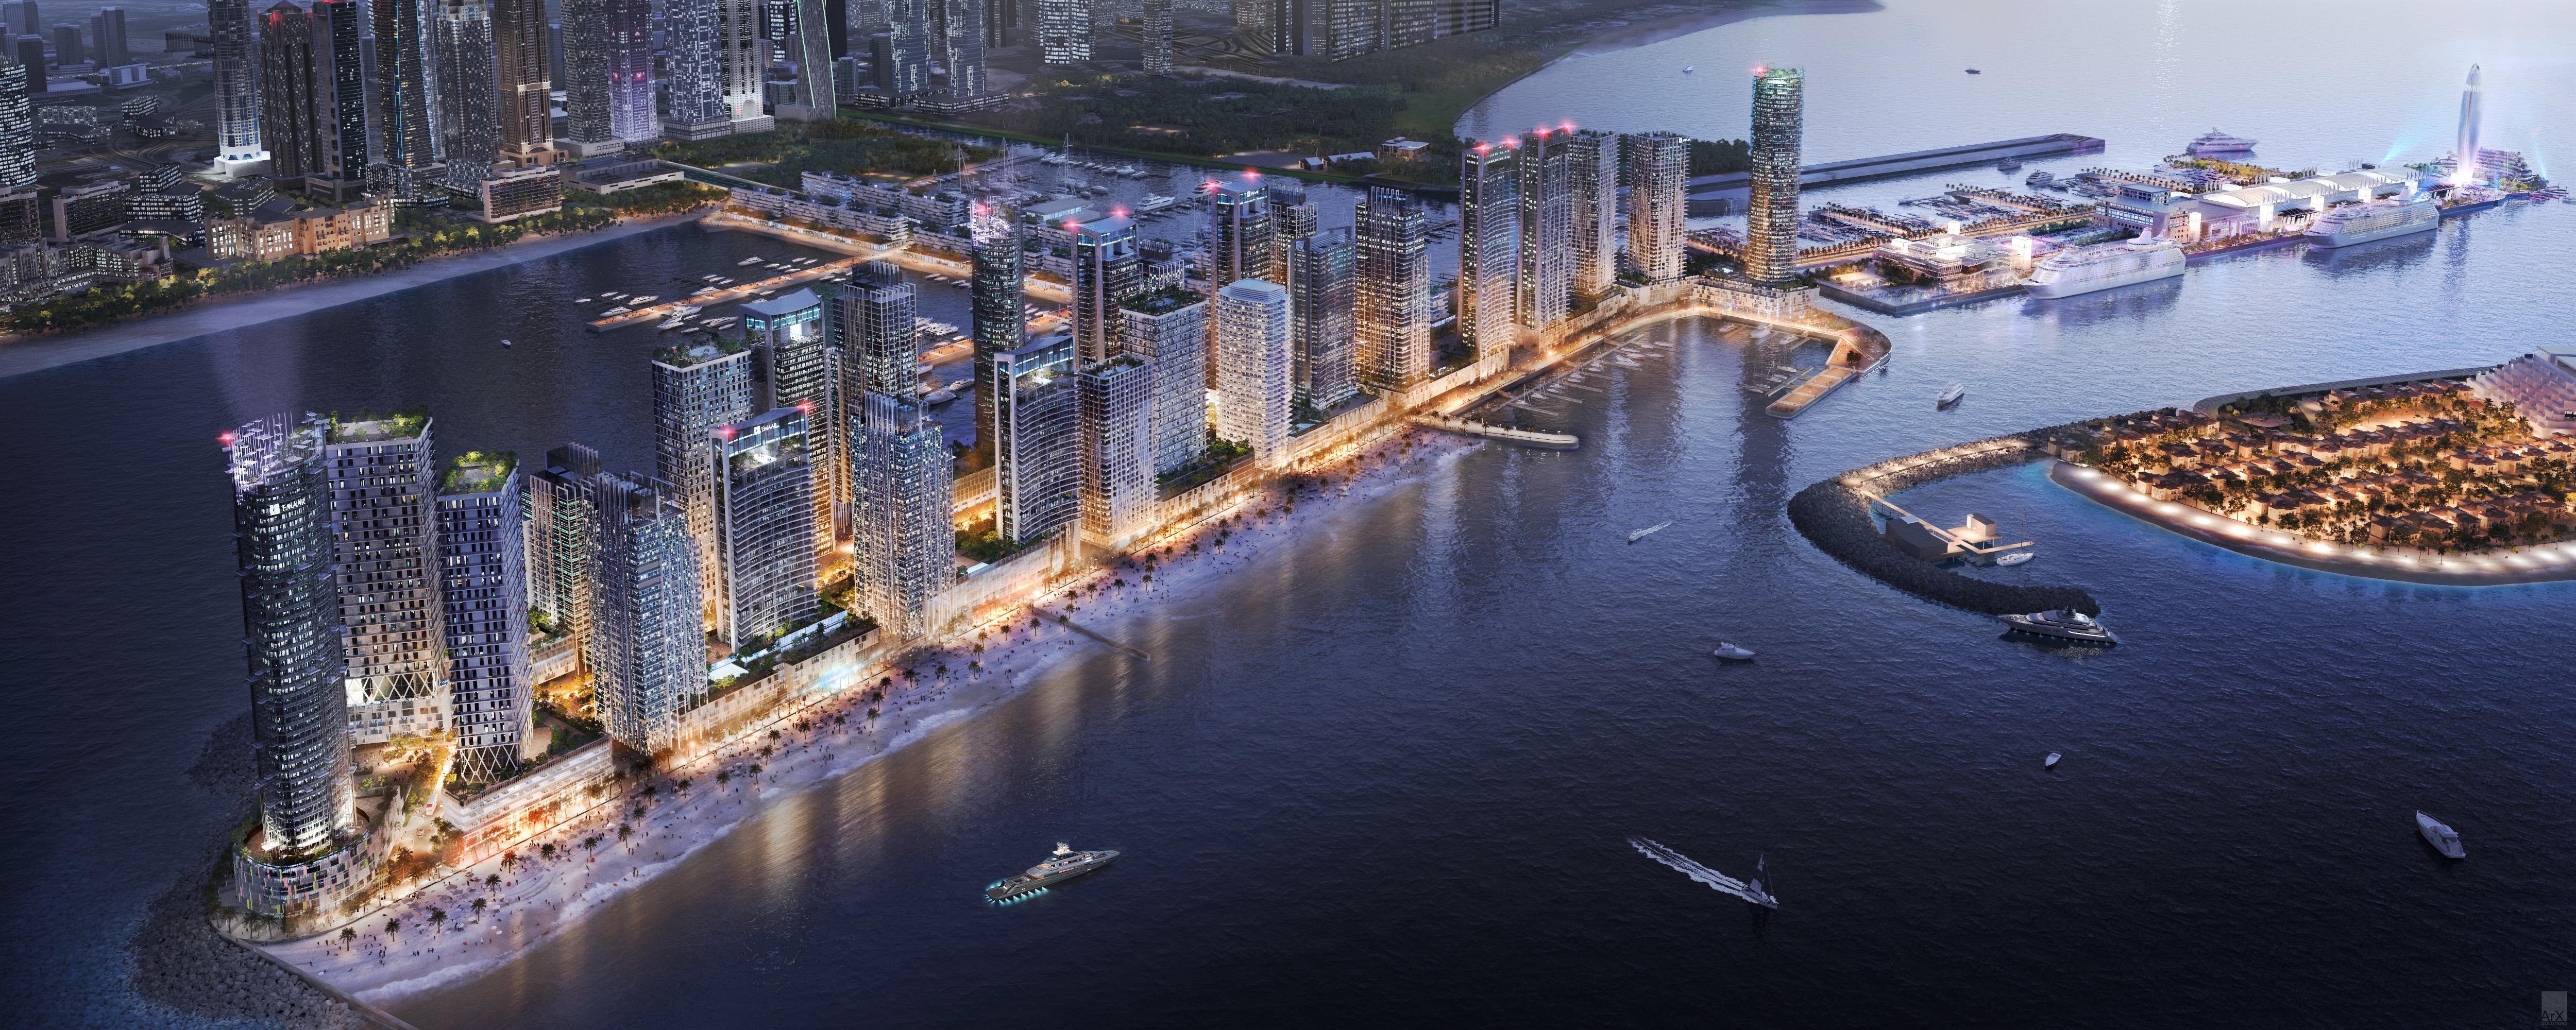 SQ8-DubaiHarbour-04-Aerial01-02b